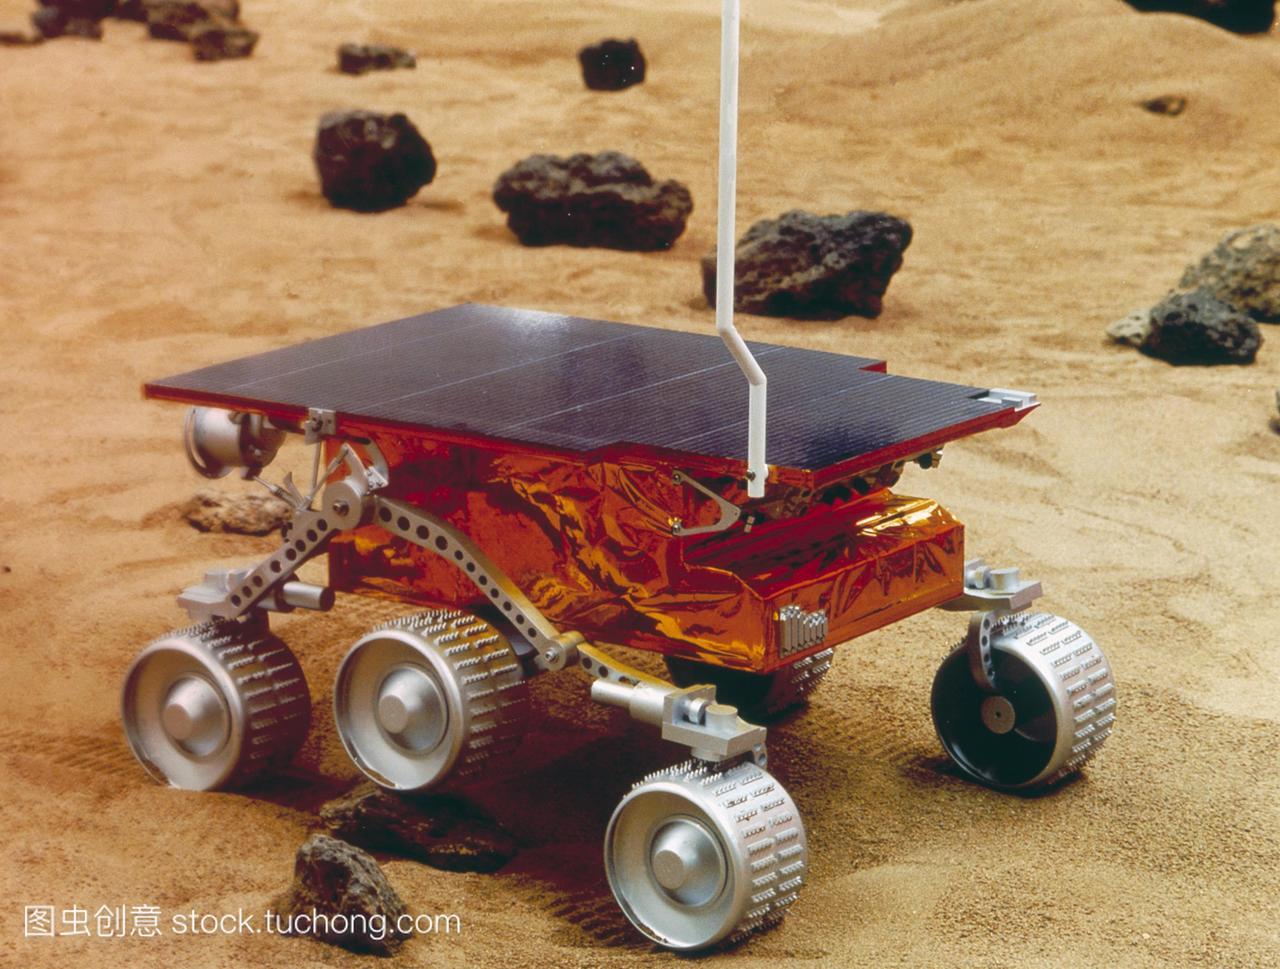 旅居。一种火星探路者机器人寄居者的模型,在一寻高中词多义的图片